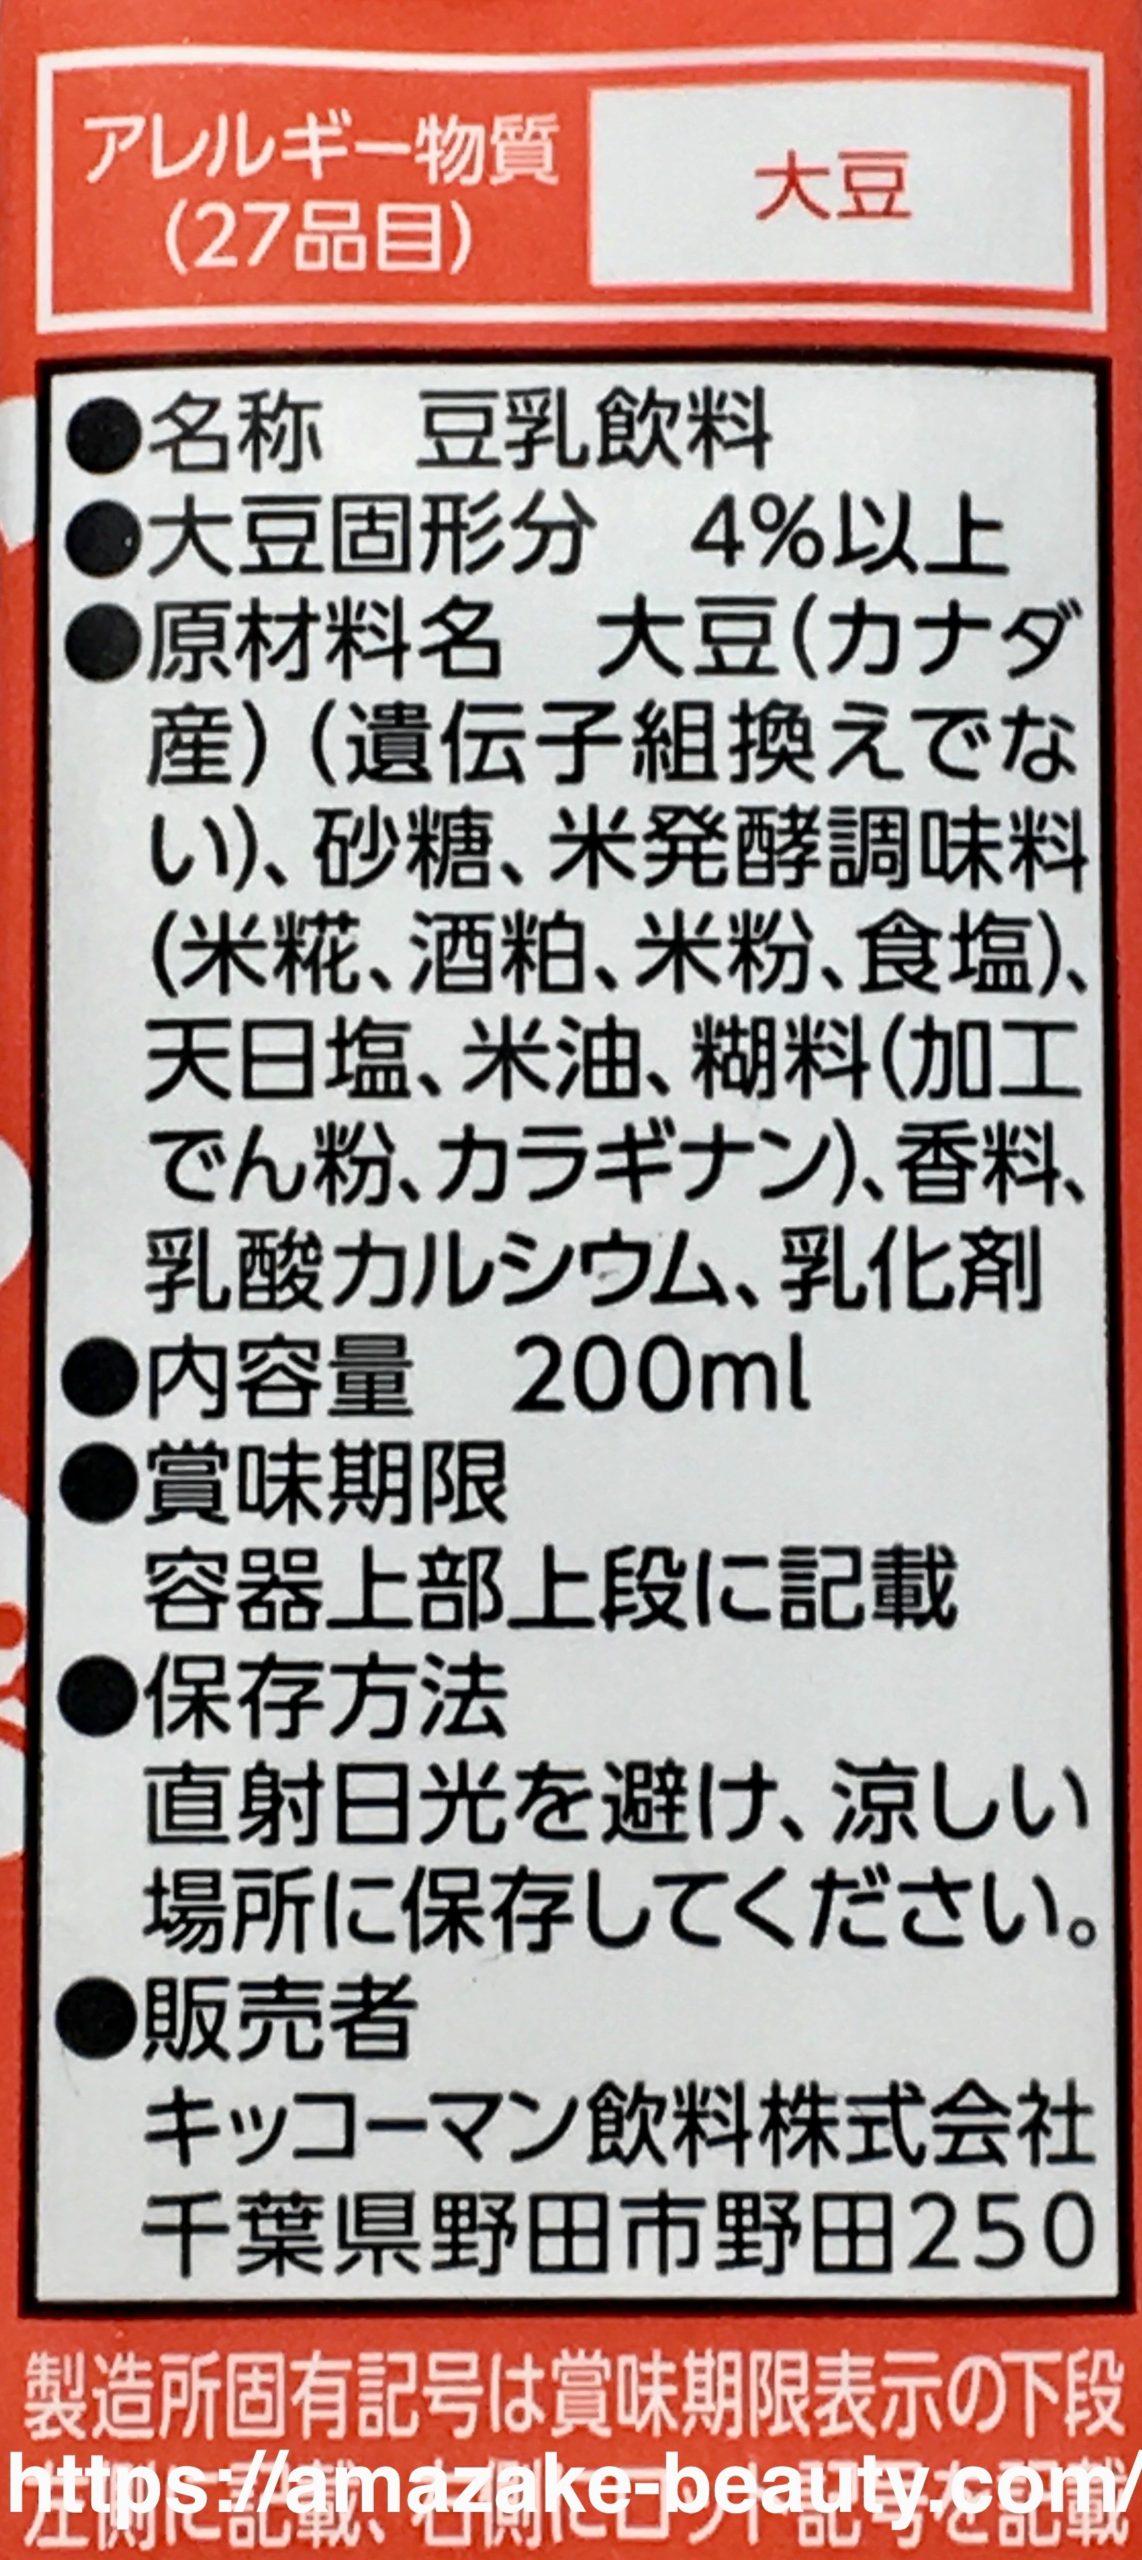 【甘酒】キッコーマン『豆乳飲料 甘酒』(商品情報)